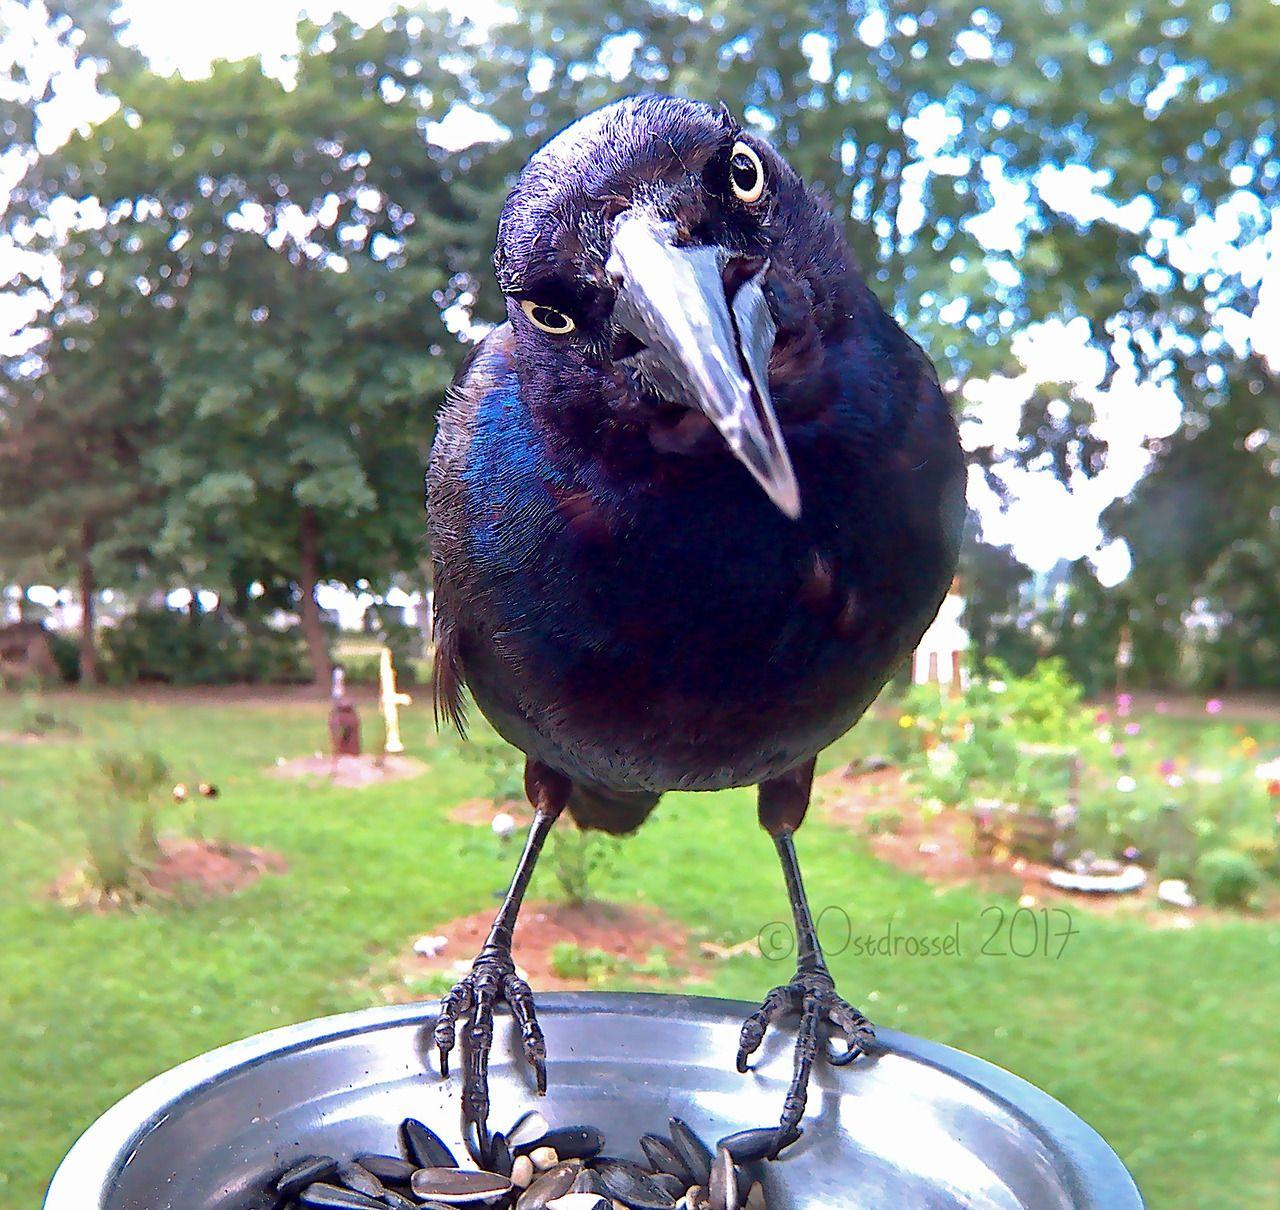 Bird problems. When your beak is too long to be in focus. - #america #backyard #beak #big #birdlovers #birdphotobooth #birdphotography #Birds #Common #Grackle #Grackles #michigan #north #of